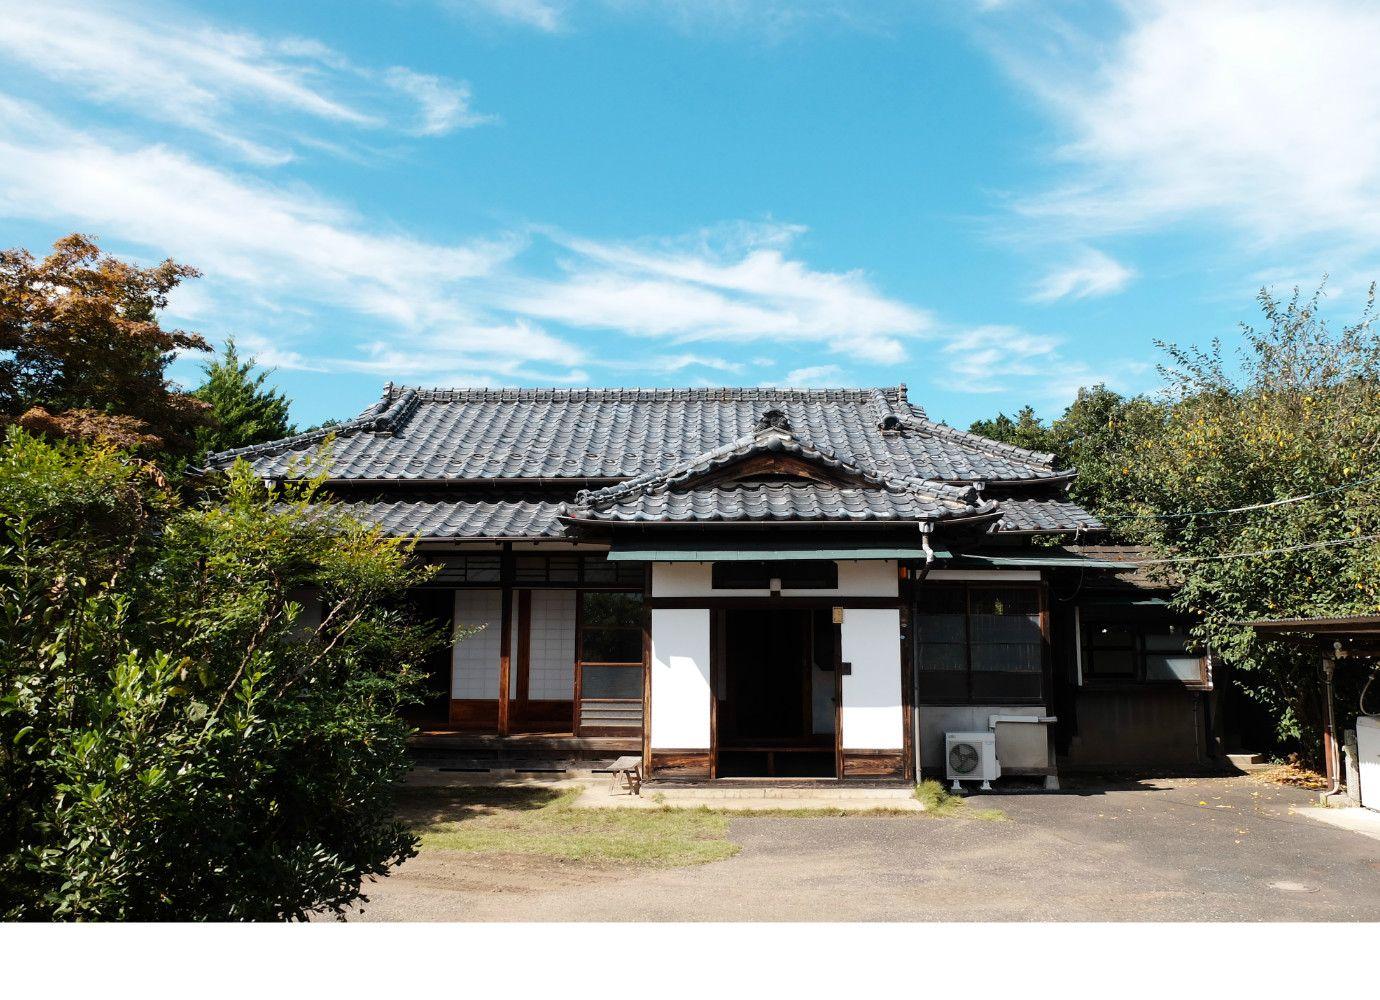 母屋は昭和20年代に建てられ当時のまま残る平屋の一軒家でございます